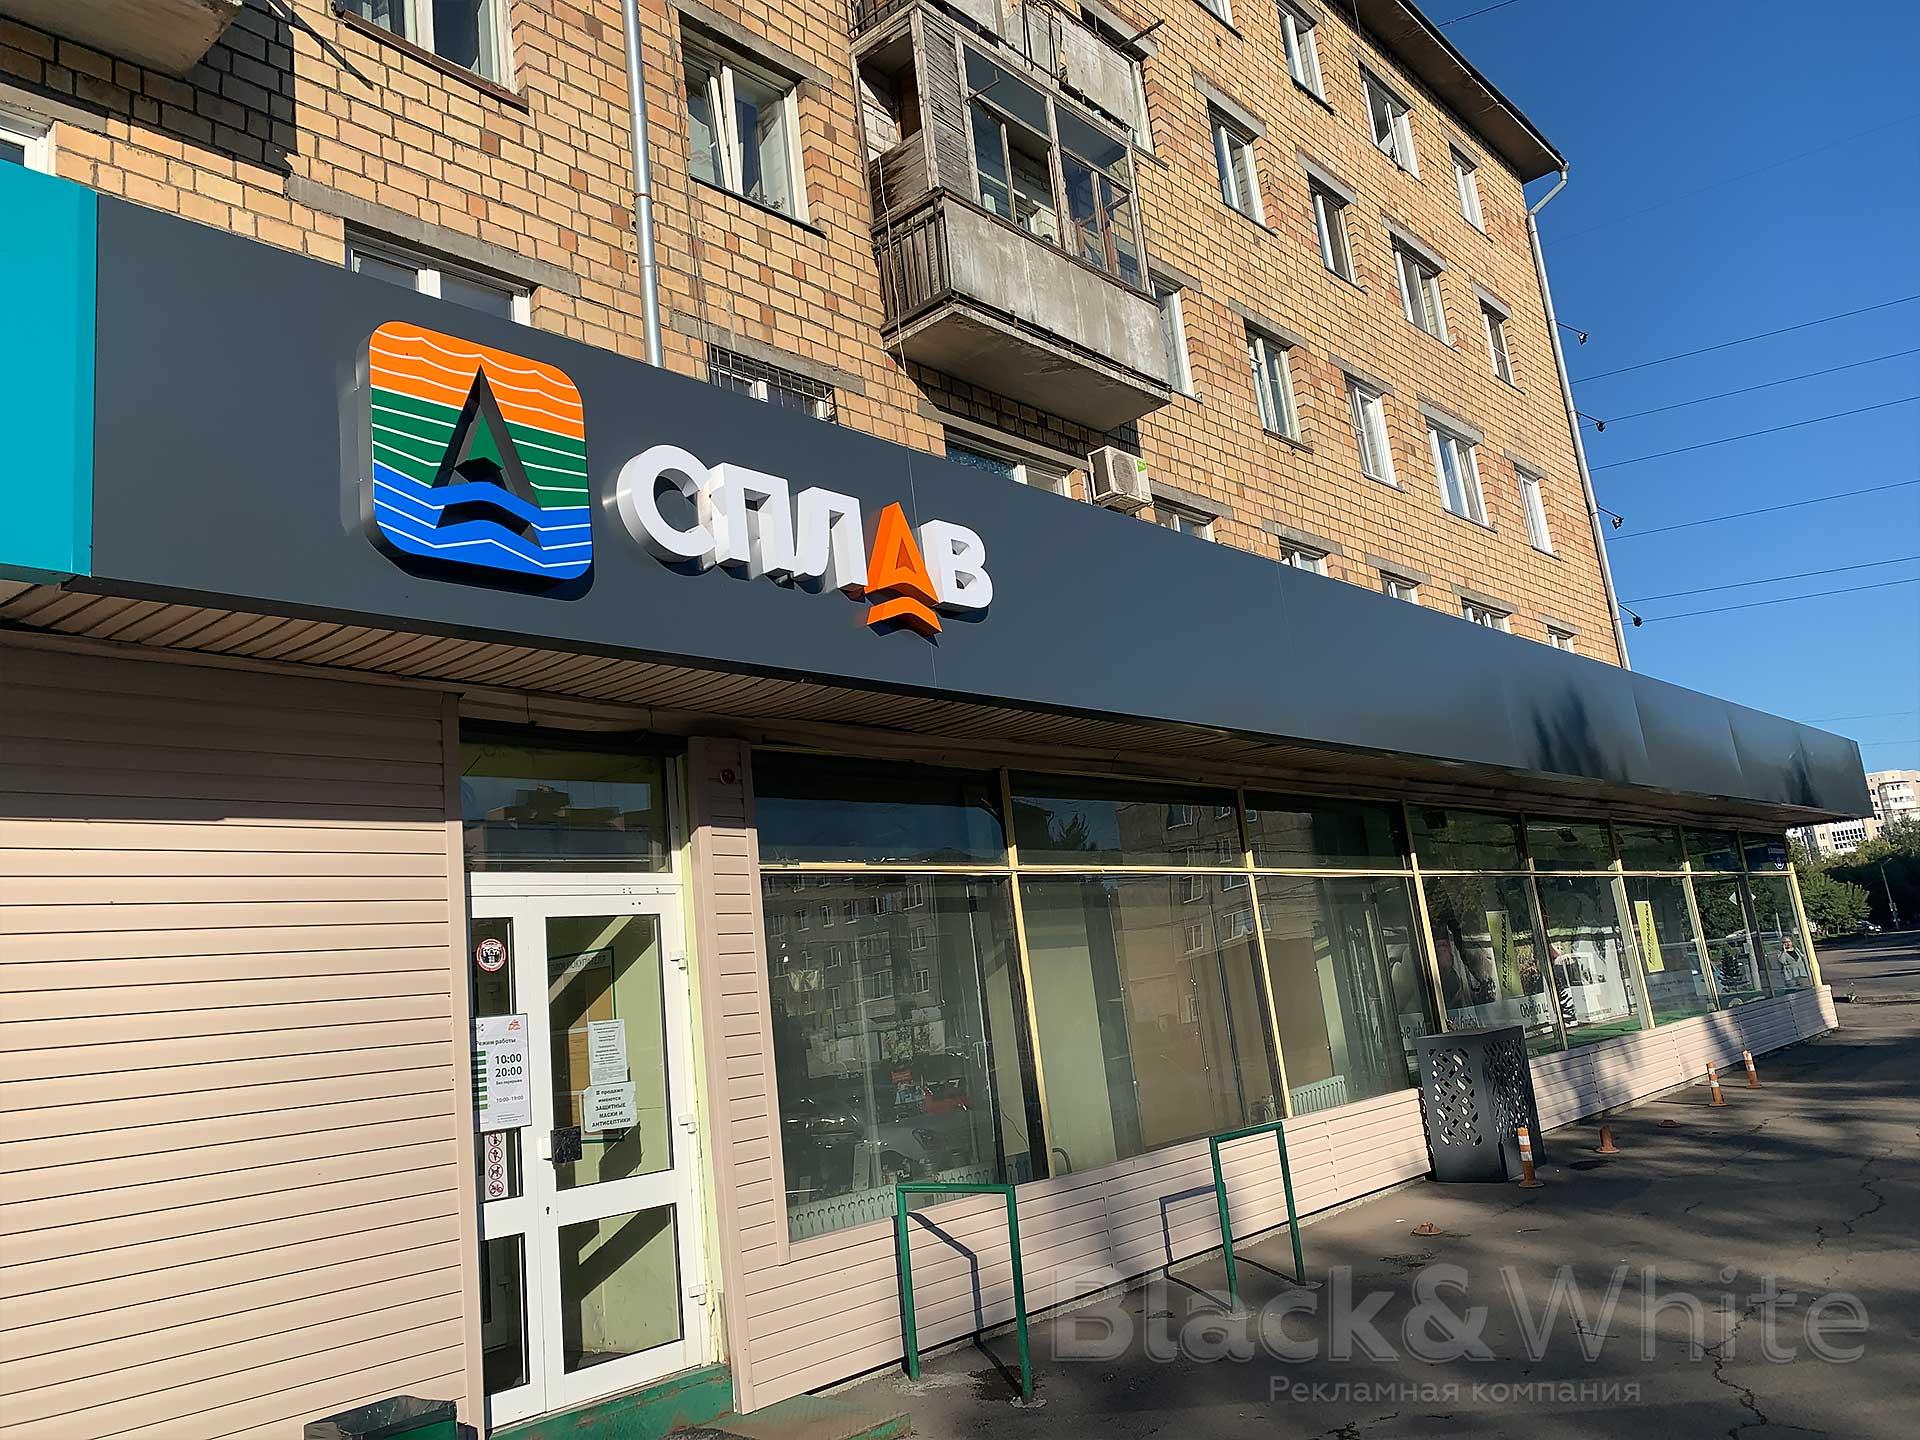 Оформление-фасада-рекламой-в-Красноярске.jpg